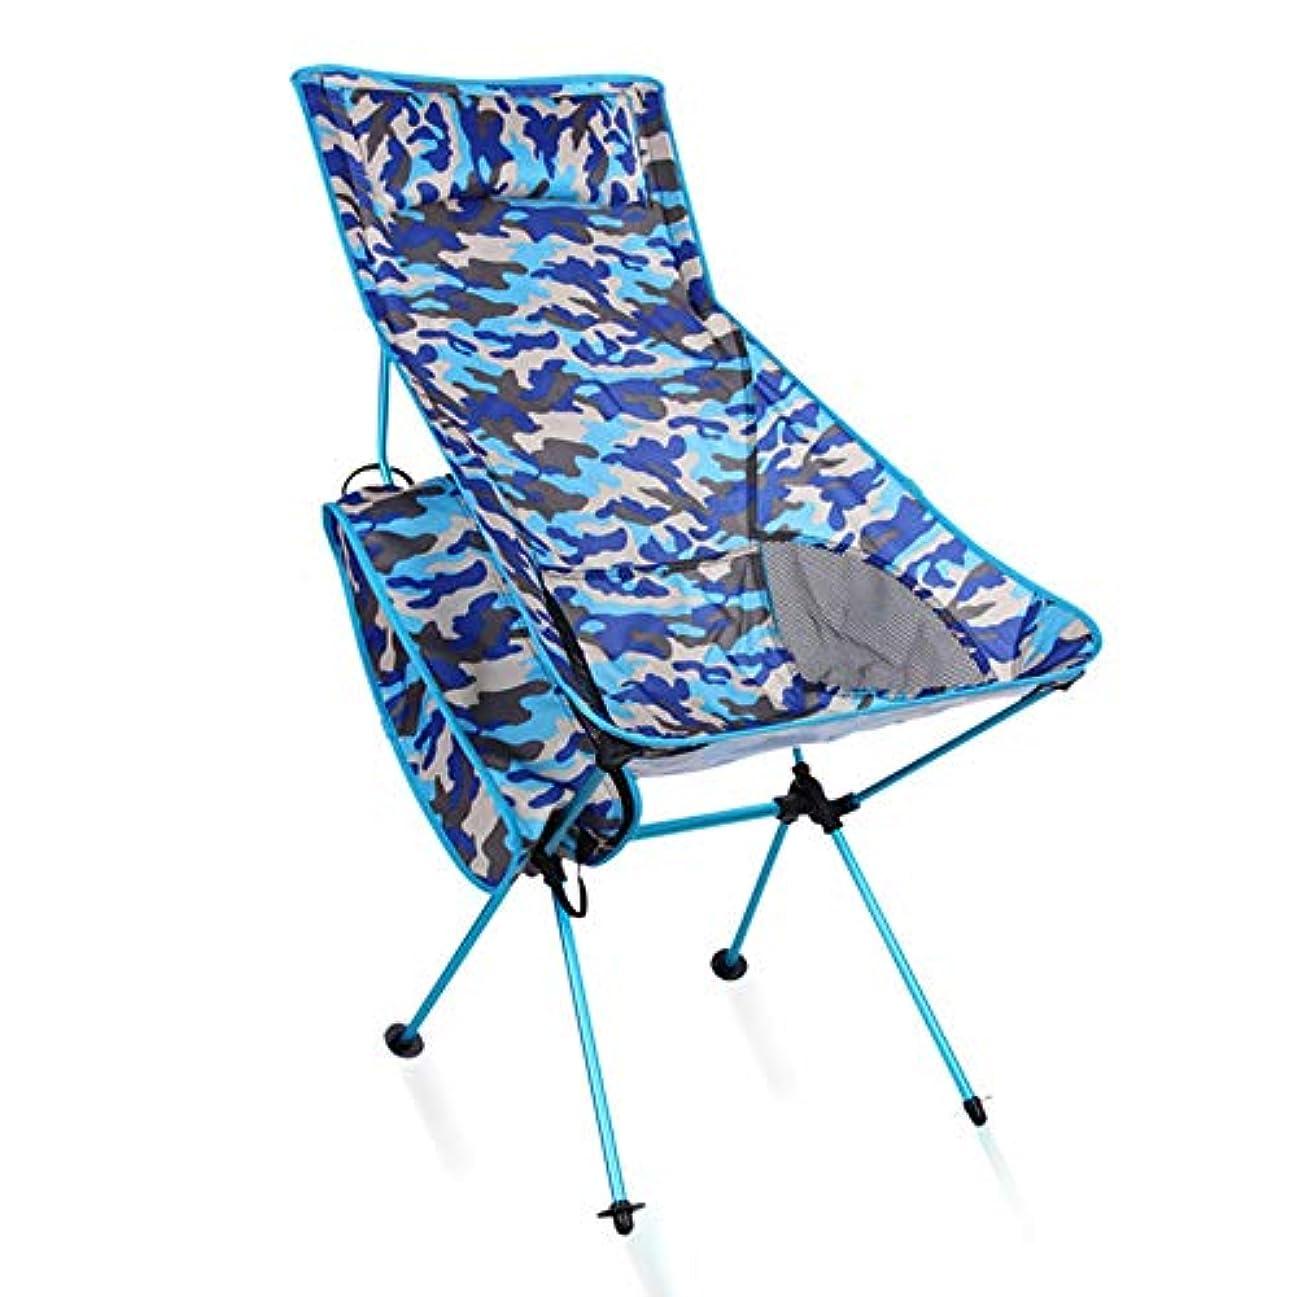 たくさんの拡散する液化するキャンプチェアコンパクト超軽量折りたたみバックパッキングチェア、バッグ用アウトドアバックパック、キャンプ、ピクニック、ハイキング